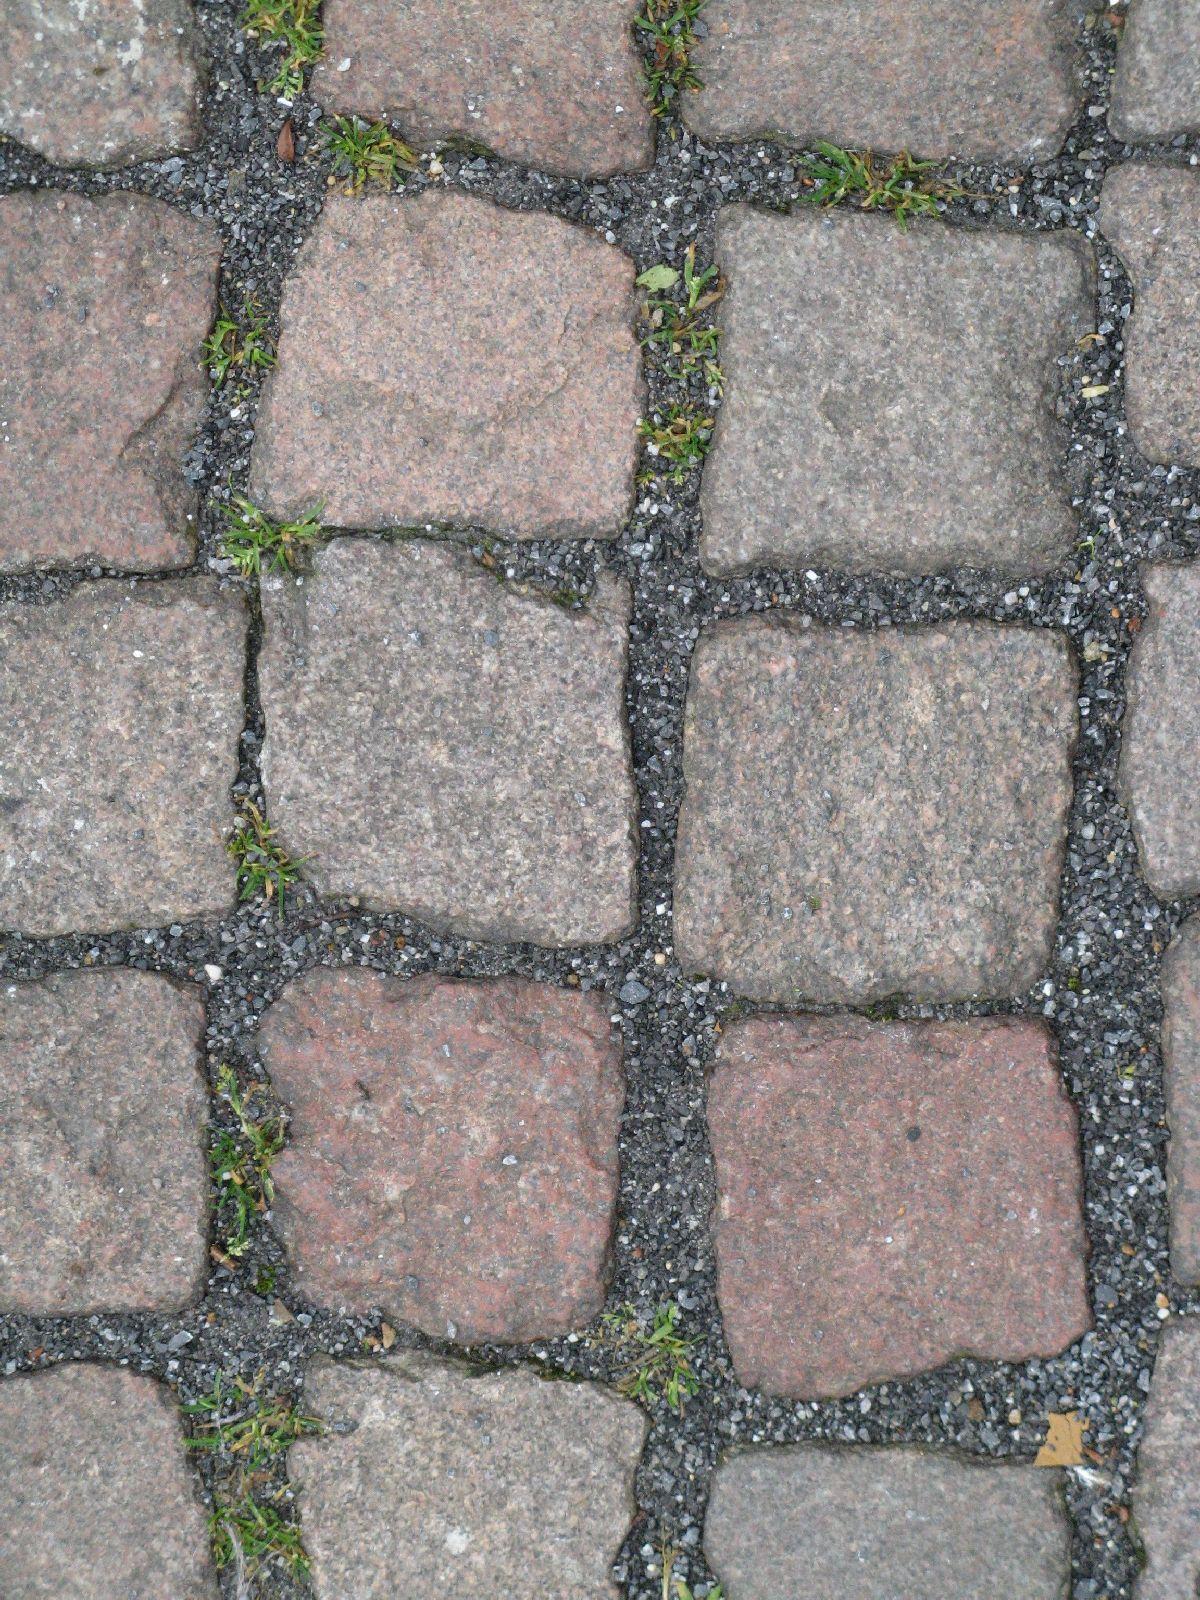 Ground-Urban_Texture_B_02440